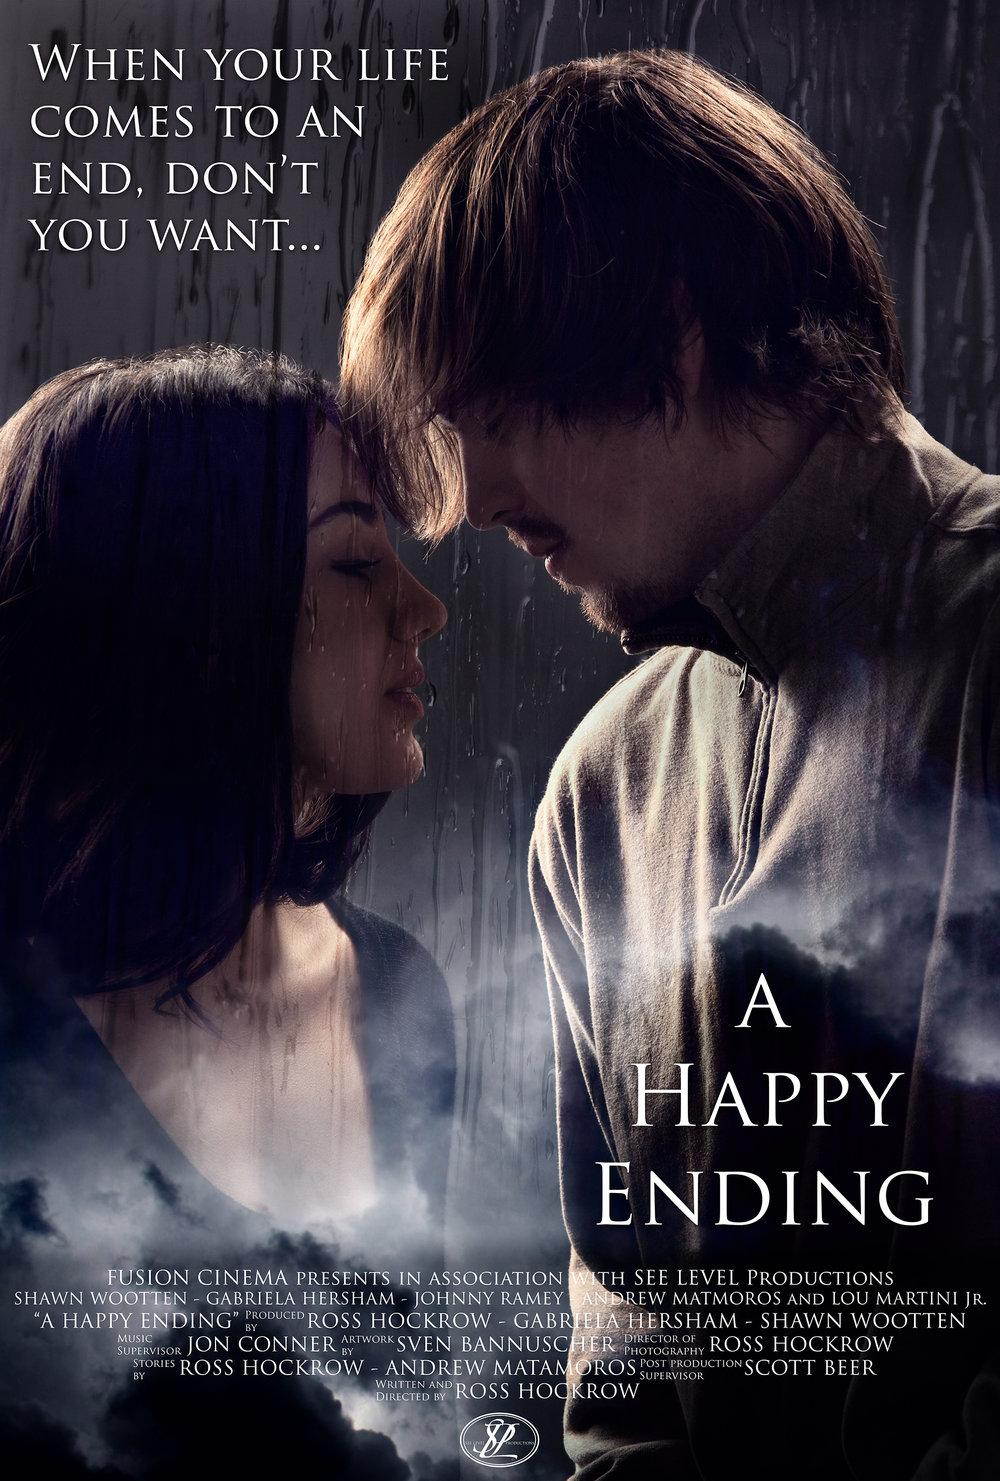 sa happy ending poster.jpg